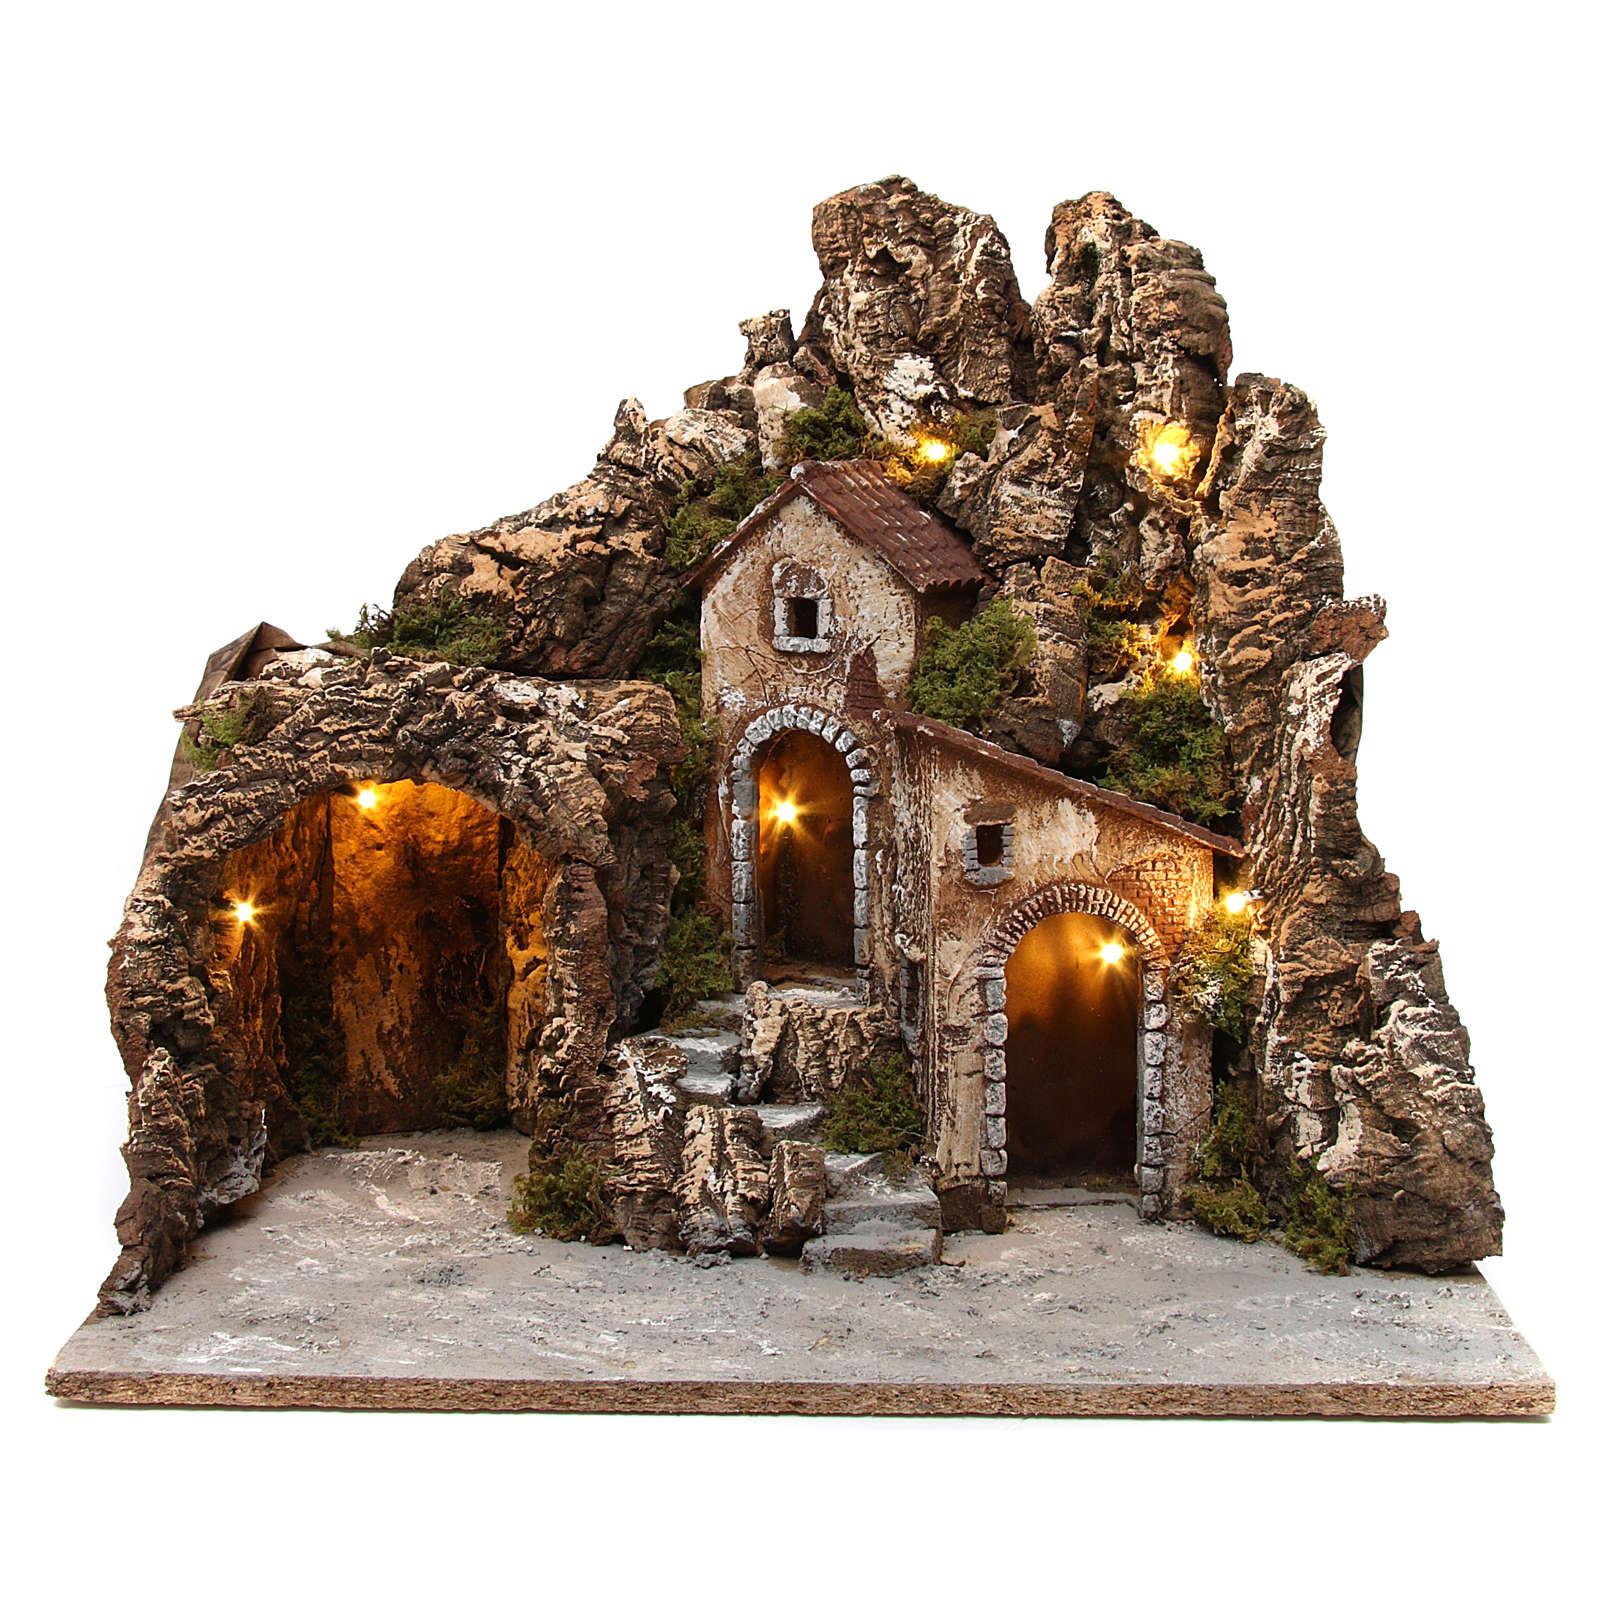 Ambientación belén iluminado con cueva y casitas 55x60x60 cm madera y corcho 4